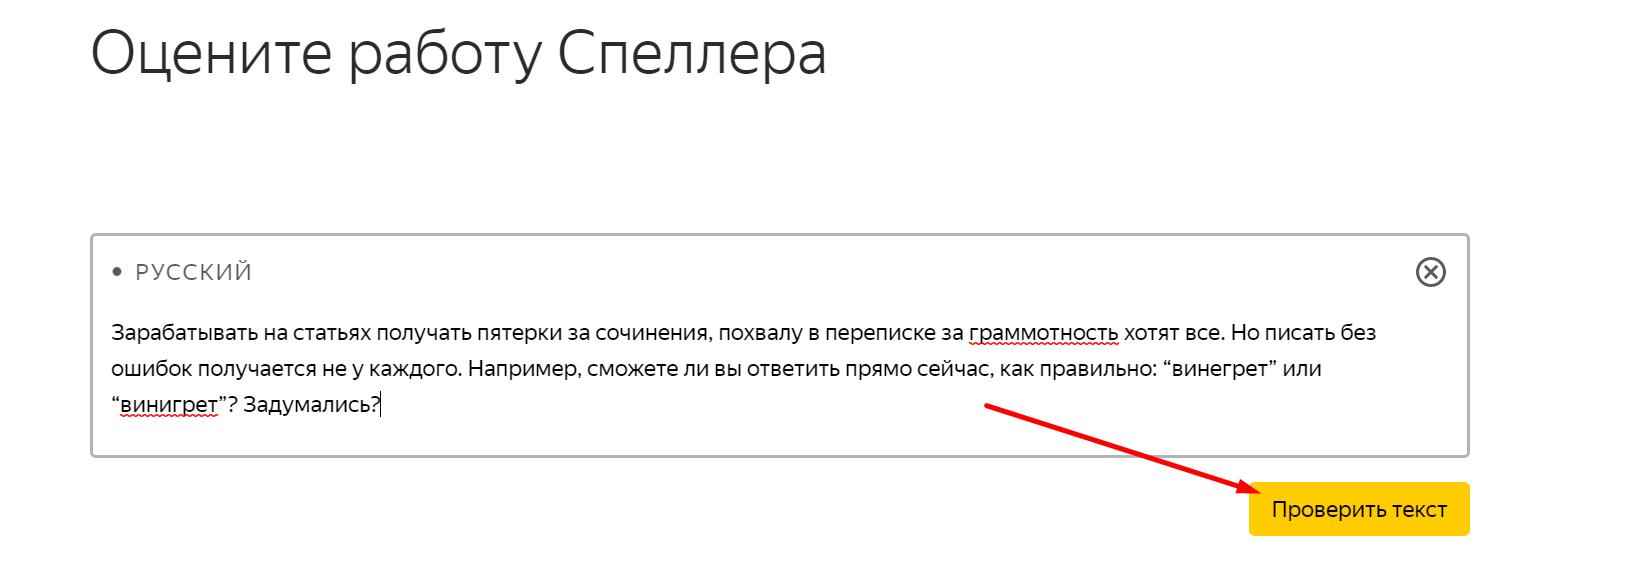 Проверка текста в Яндекс.Спеллере